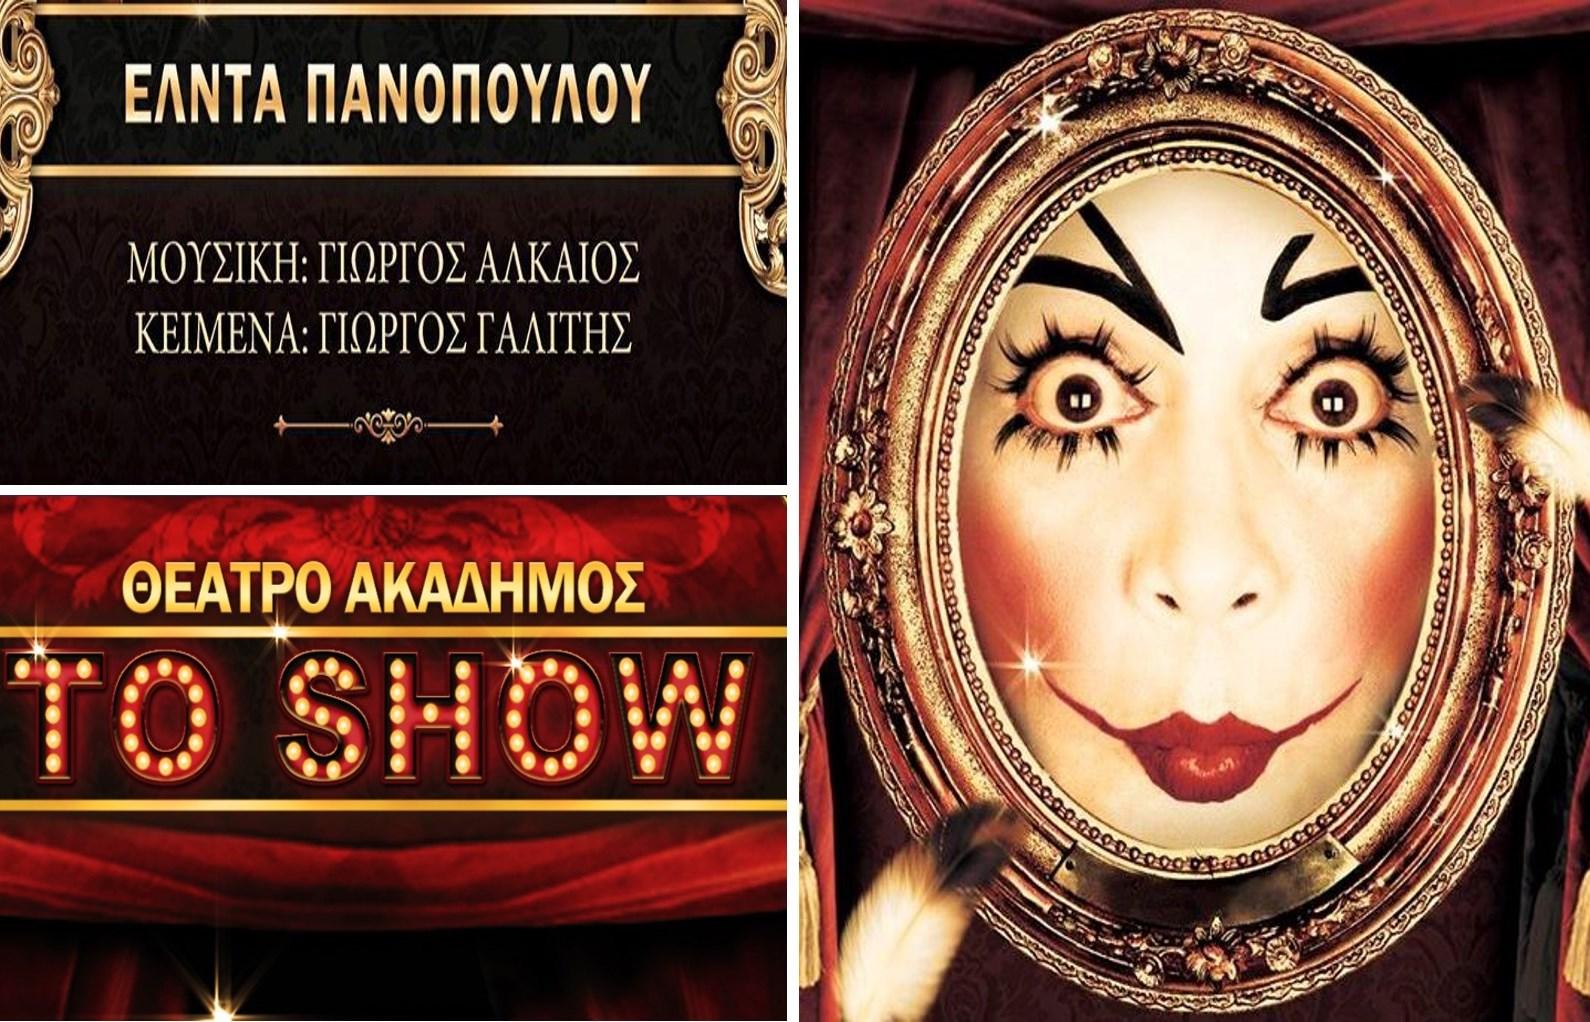 12€ από 20€ για είσοδο στη θεατρική μουσική υπερπαραγωγή ''ΤΟ SHOW'', με την Έλντα Πανοπούλου, στο θέατρο Ακάδημος